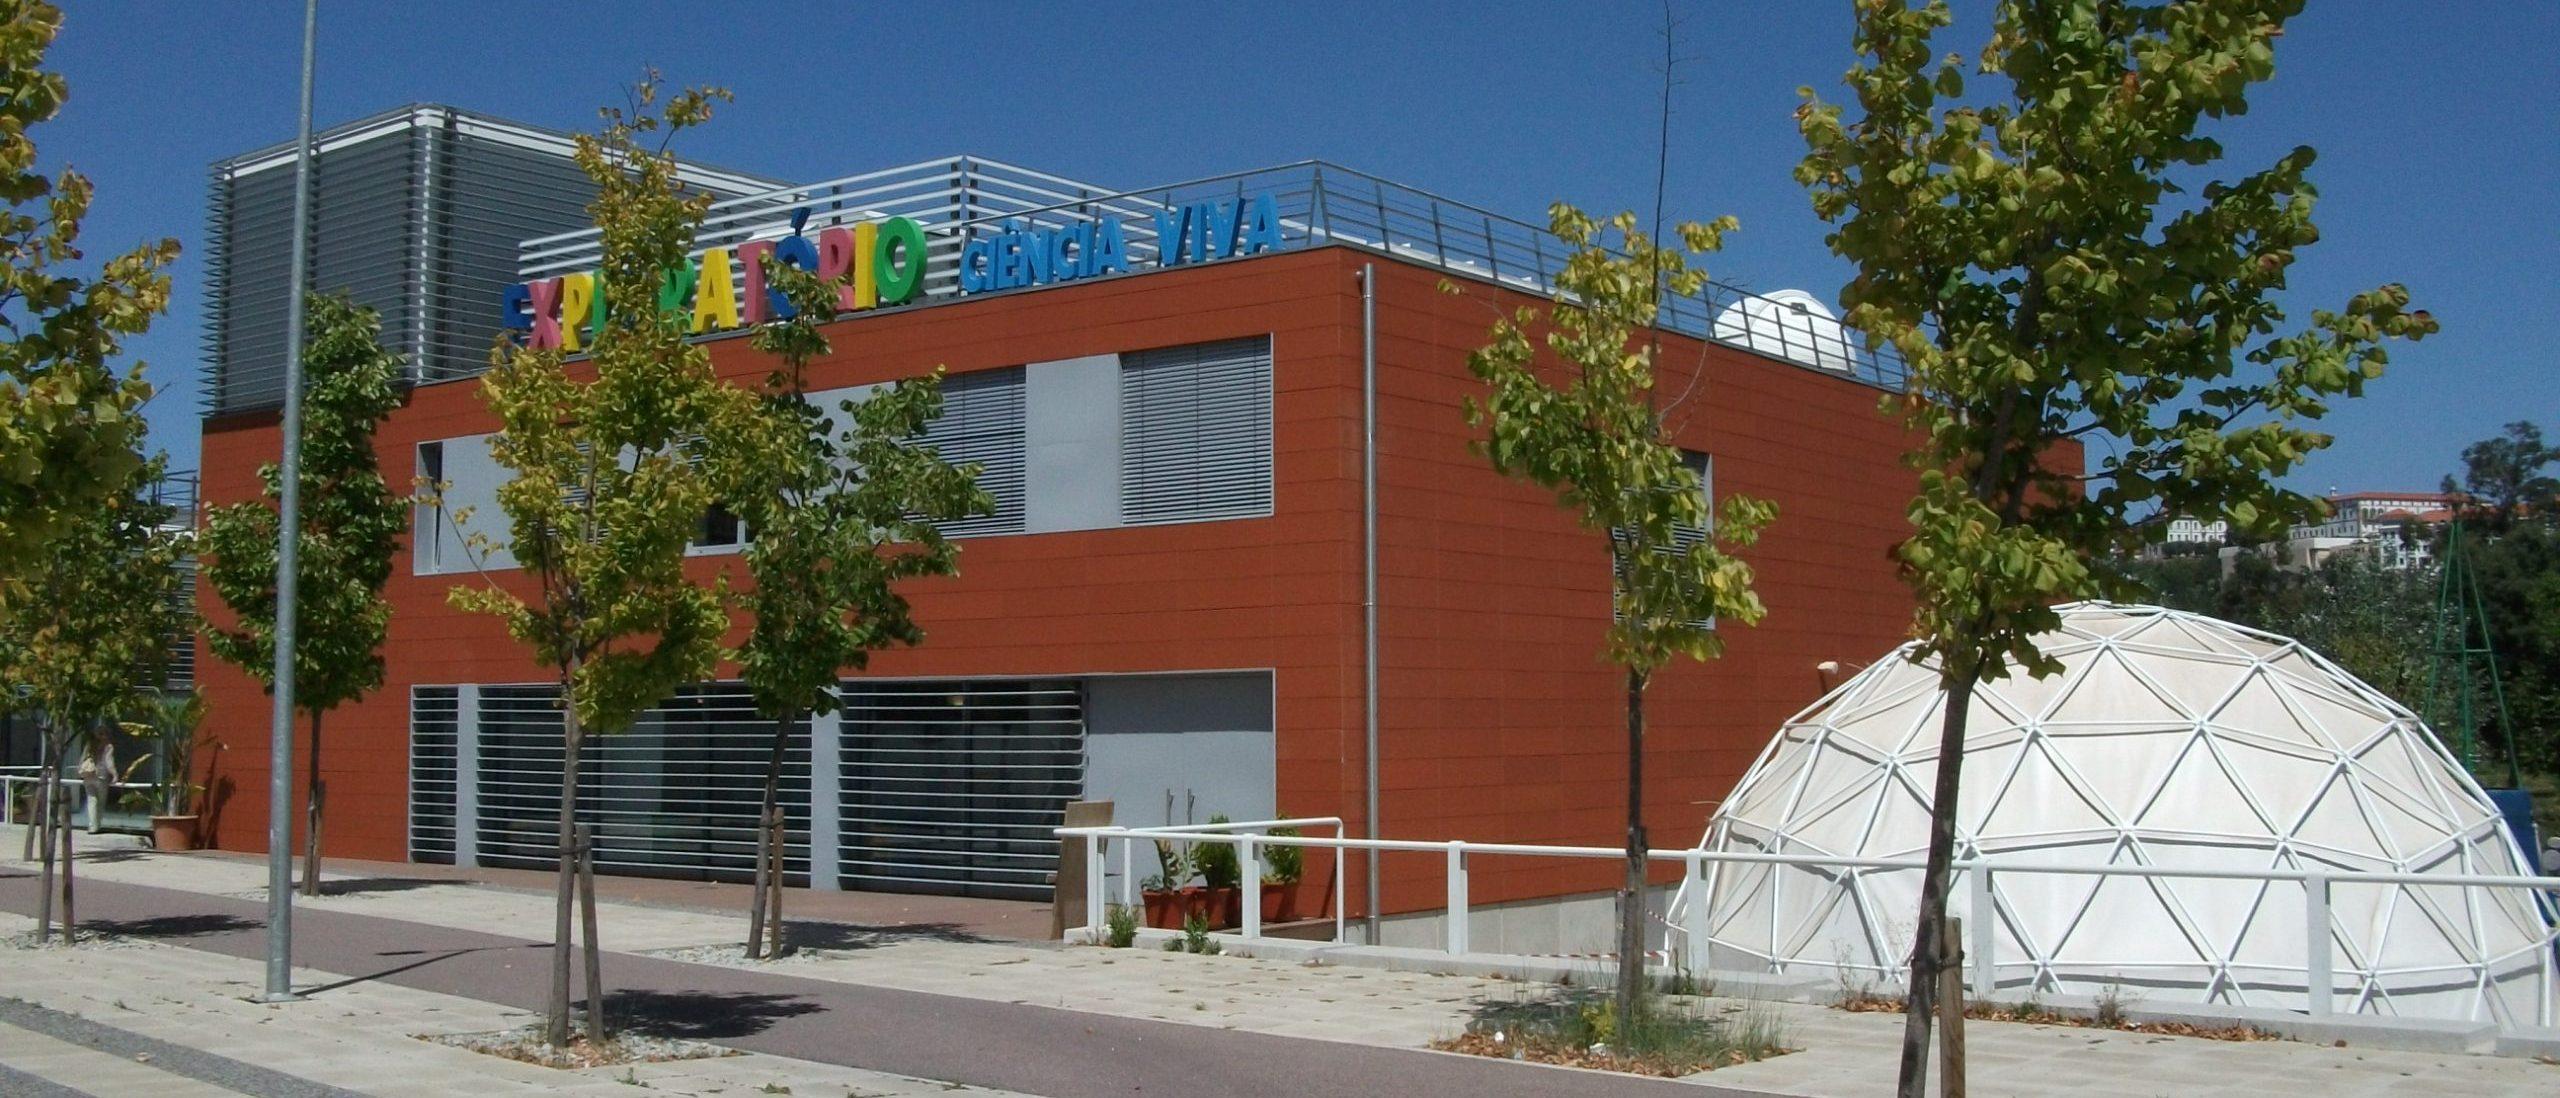 Portugal dos Pequenitos + Exploratório – Centro Ciência Viva de Coimbra